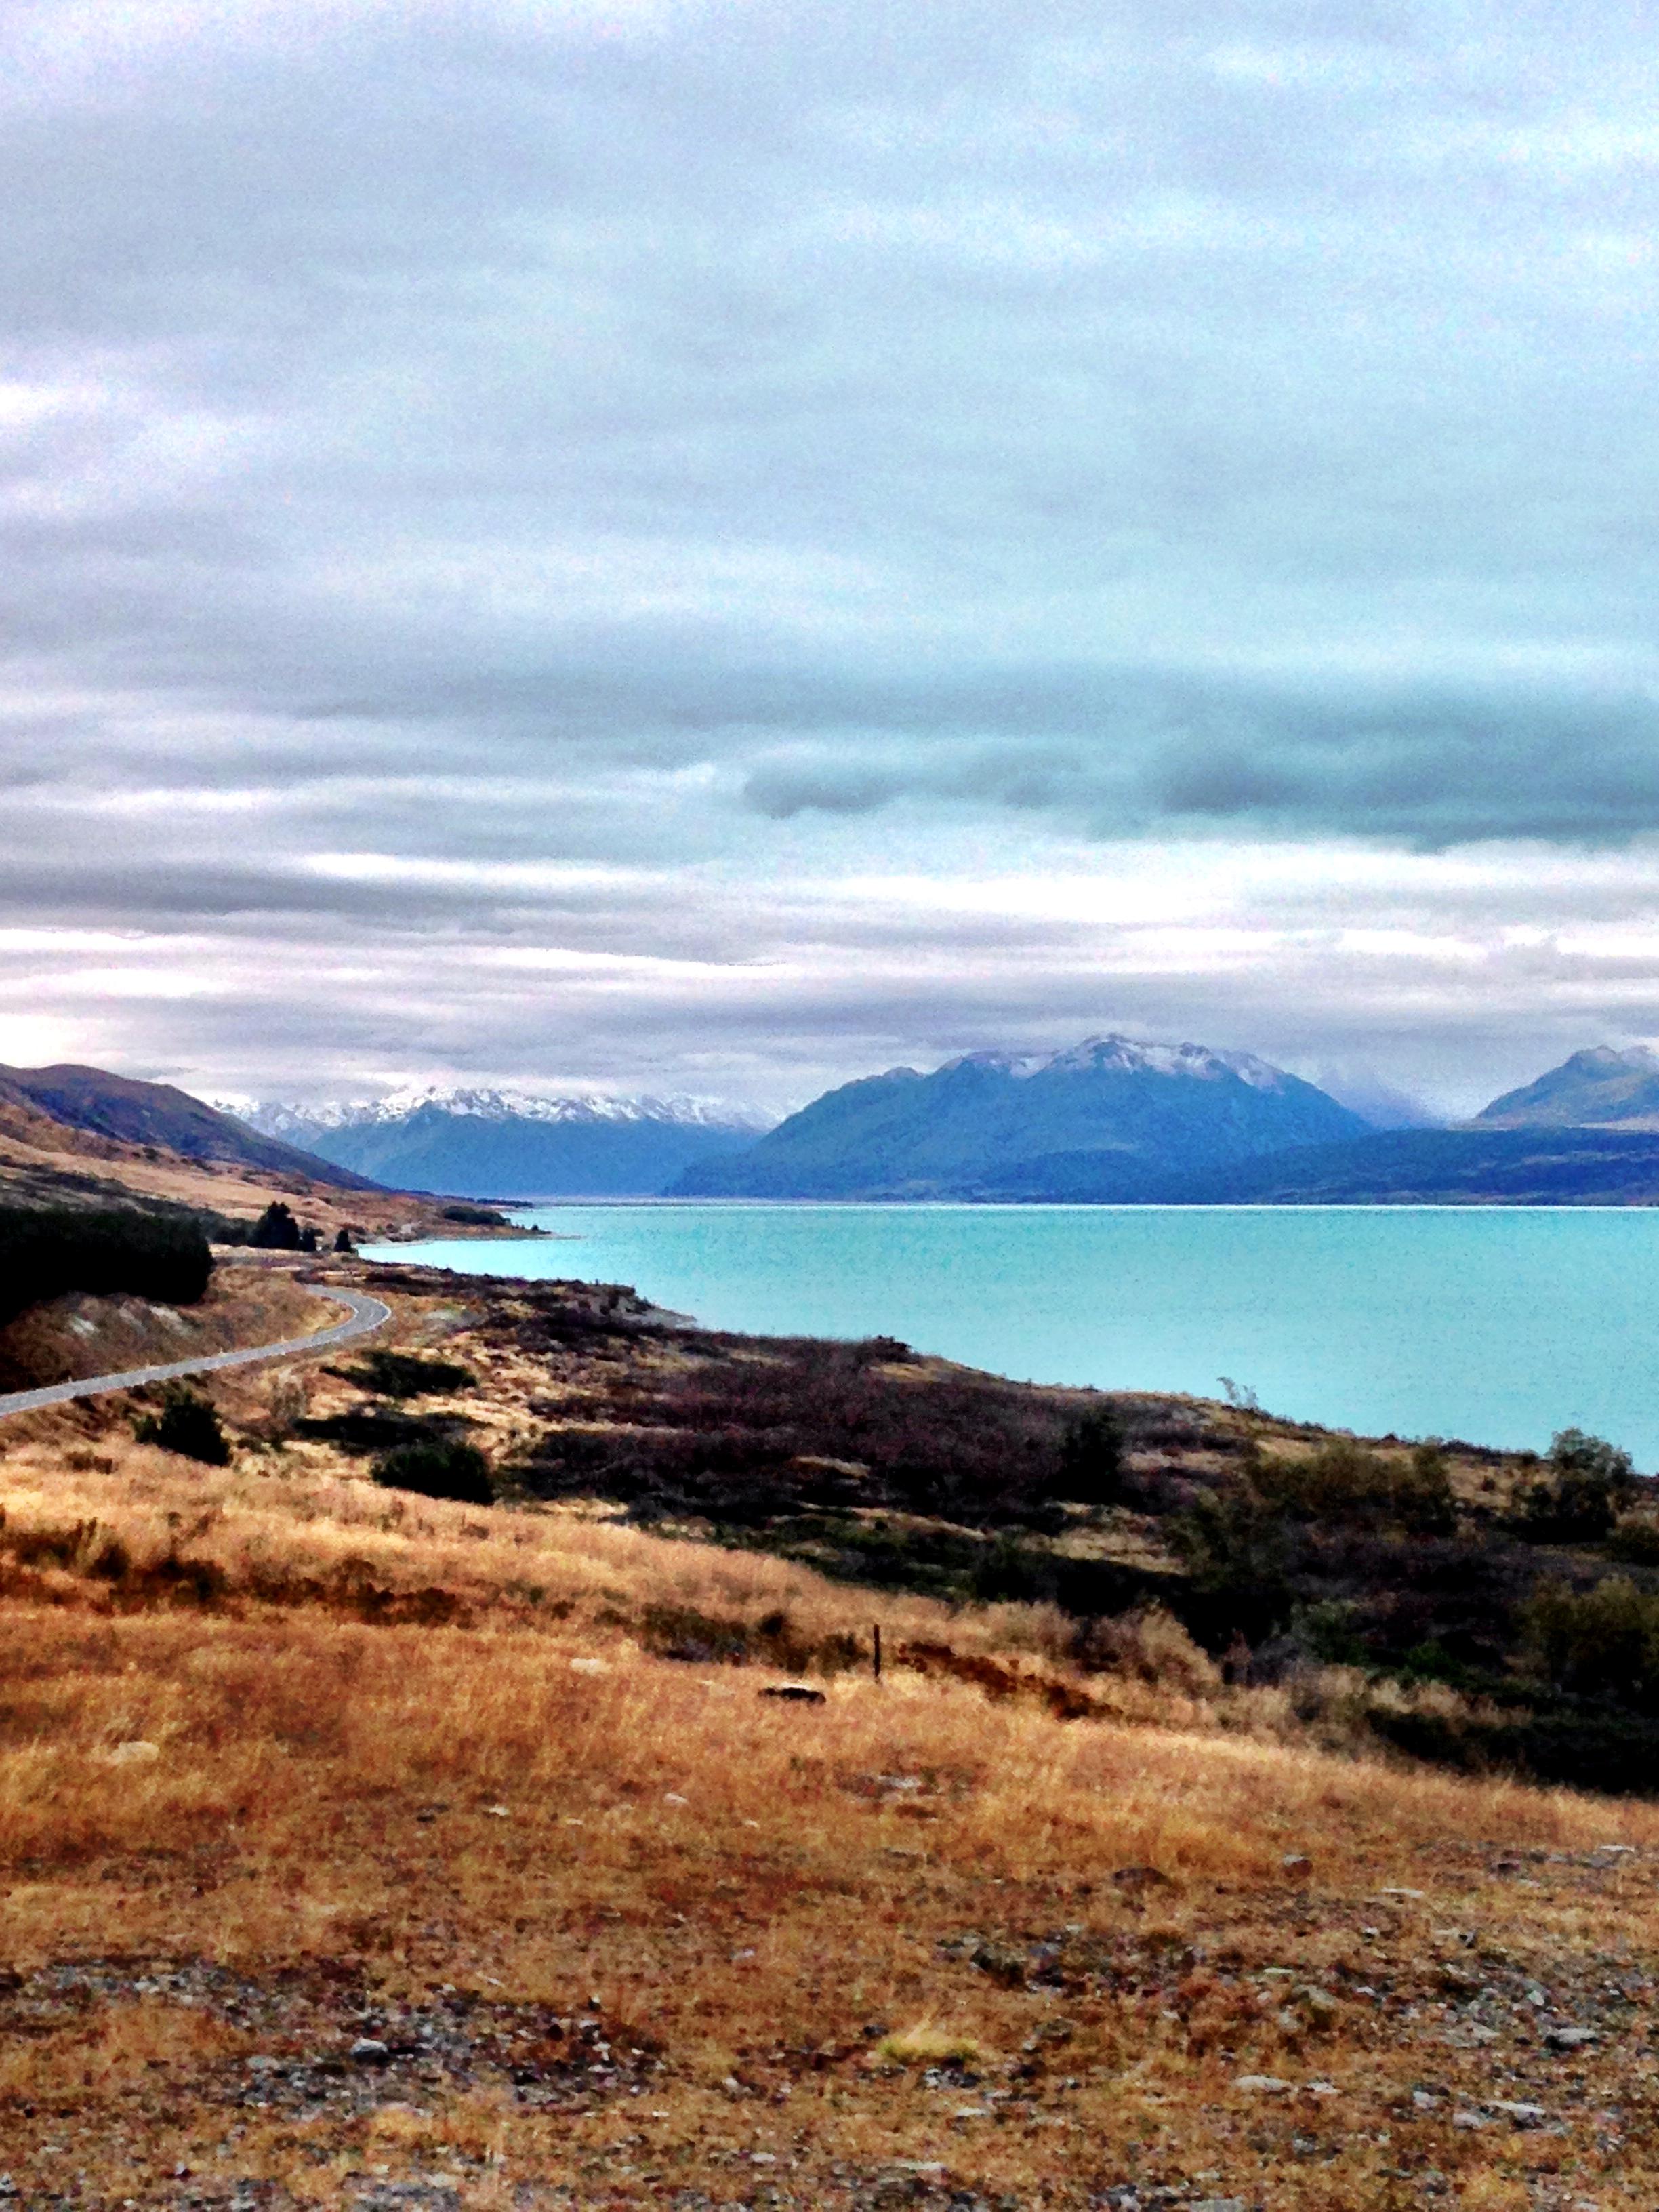 Amazing blue lake New Zealand